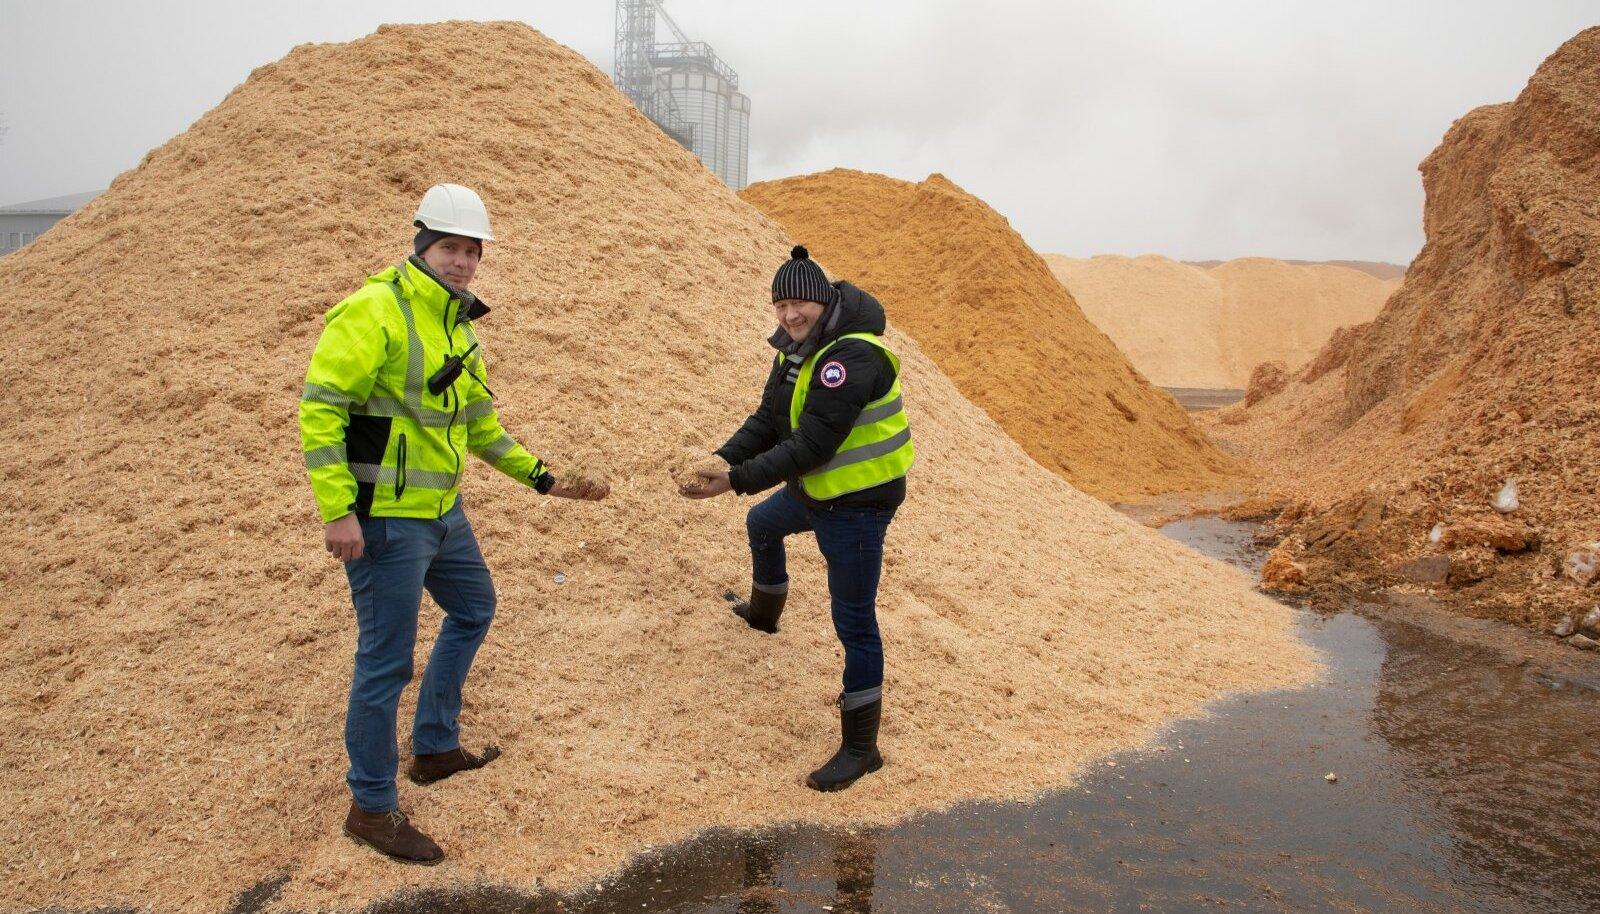 Graanul Biotechi arendusjuht Peep Pitk ning juhatuse esimees Raul Kirjanen demotehase toorainehunniku juures. Just selline kasepuidust mass lõhustatakse tehases uudsel moel ligniiniks ja puidusuhkruteks.